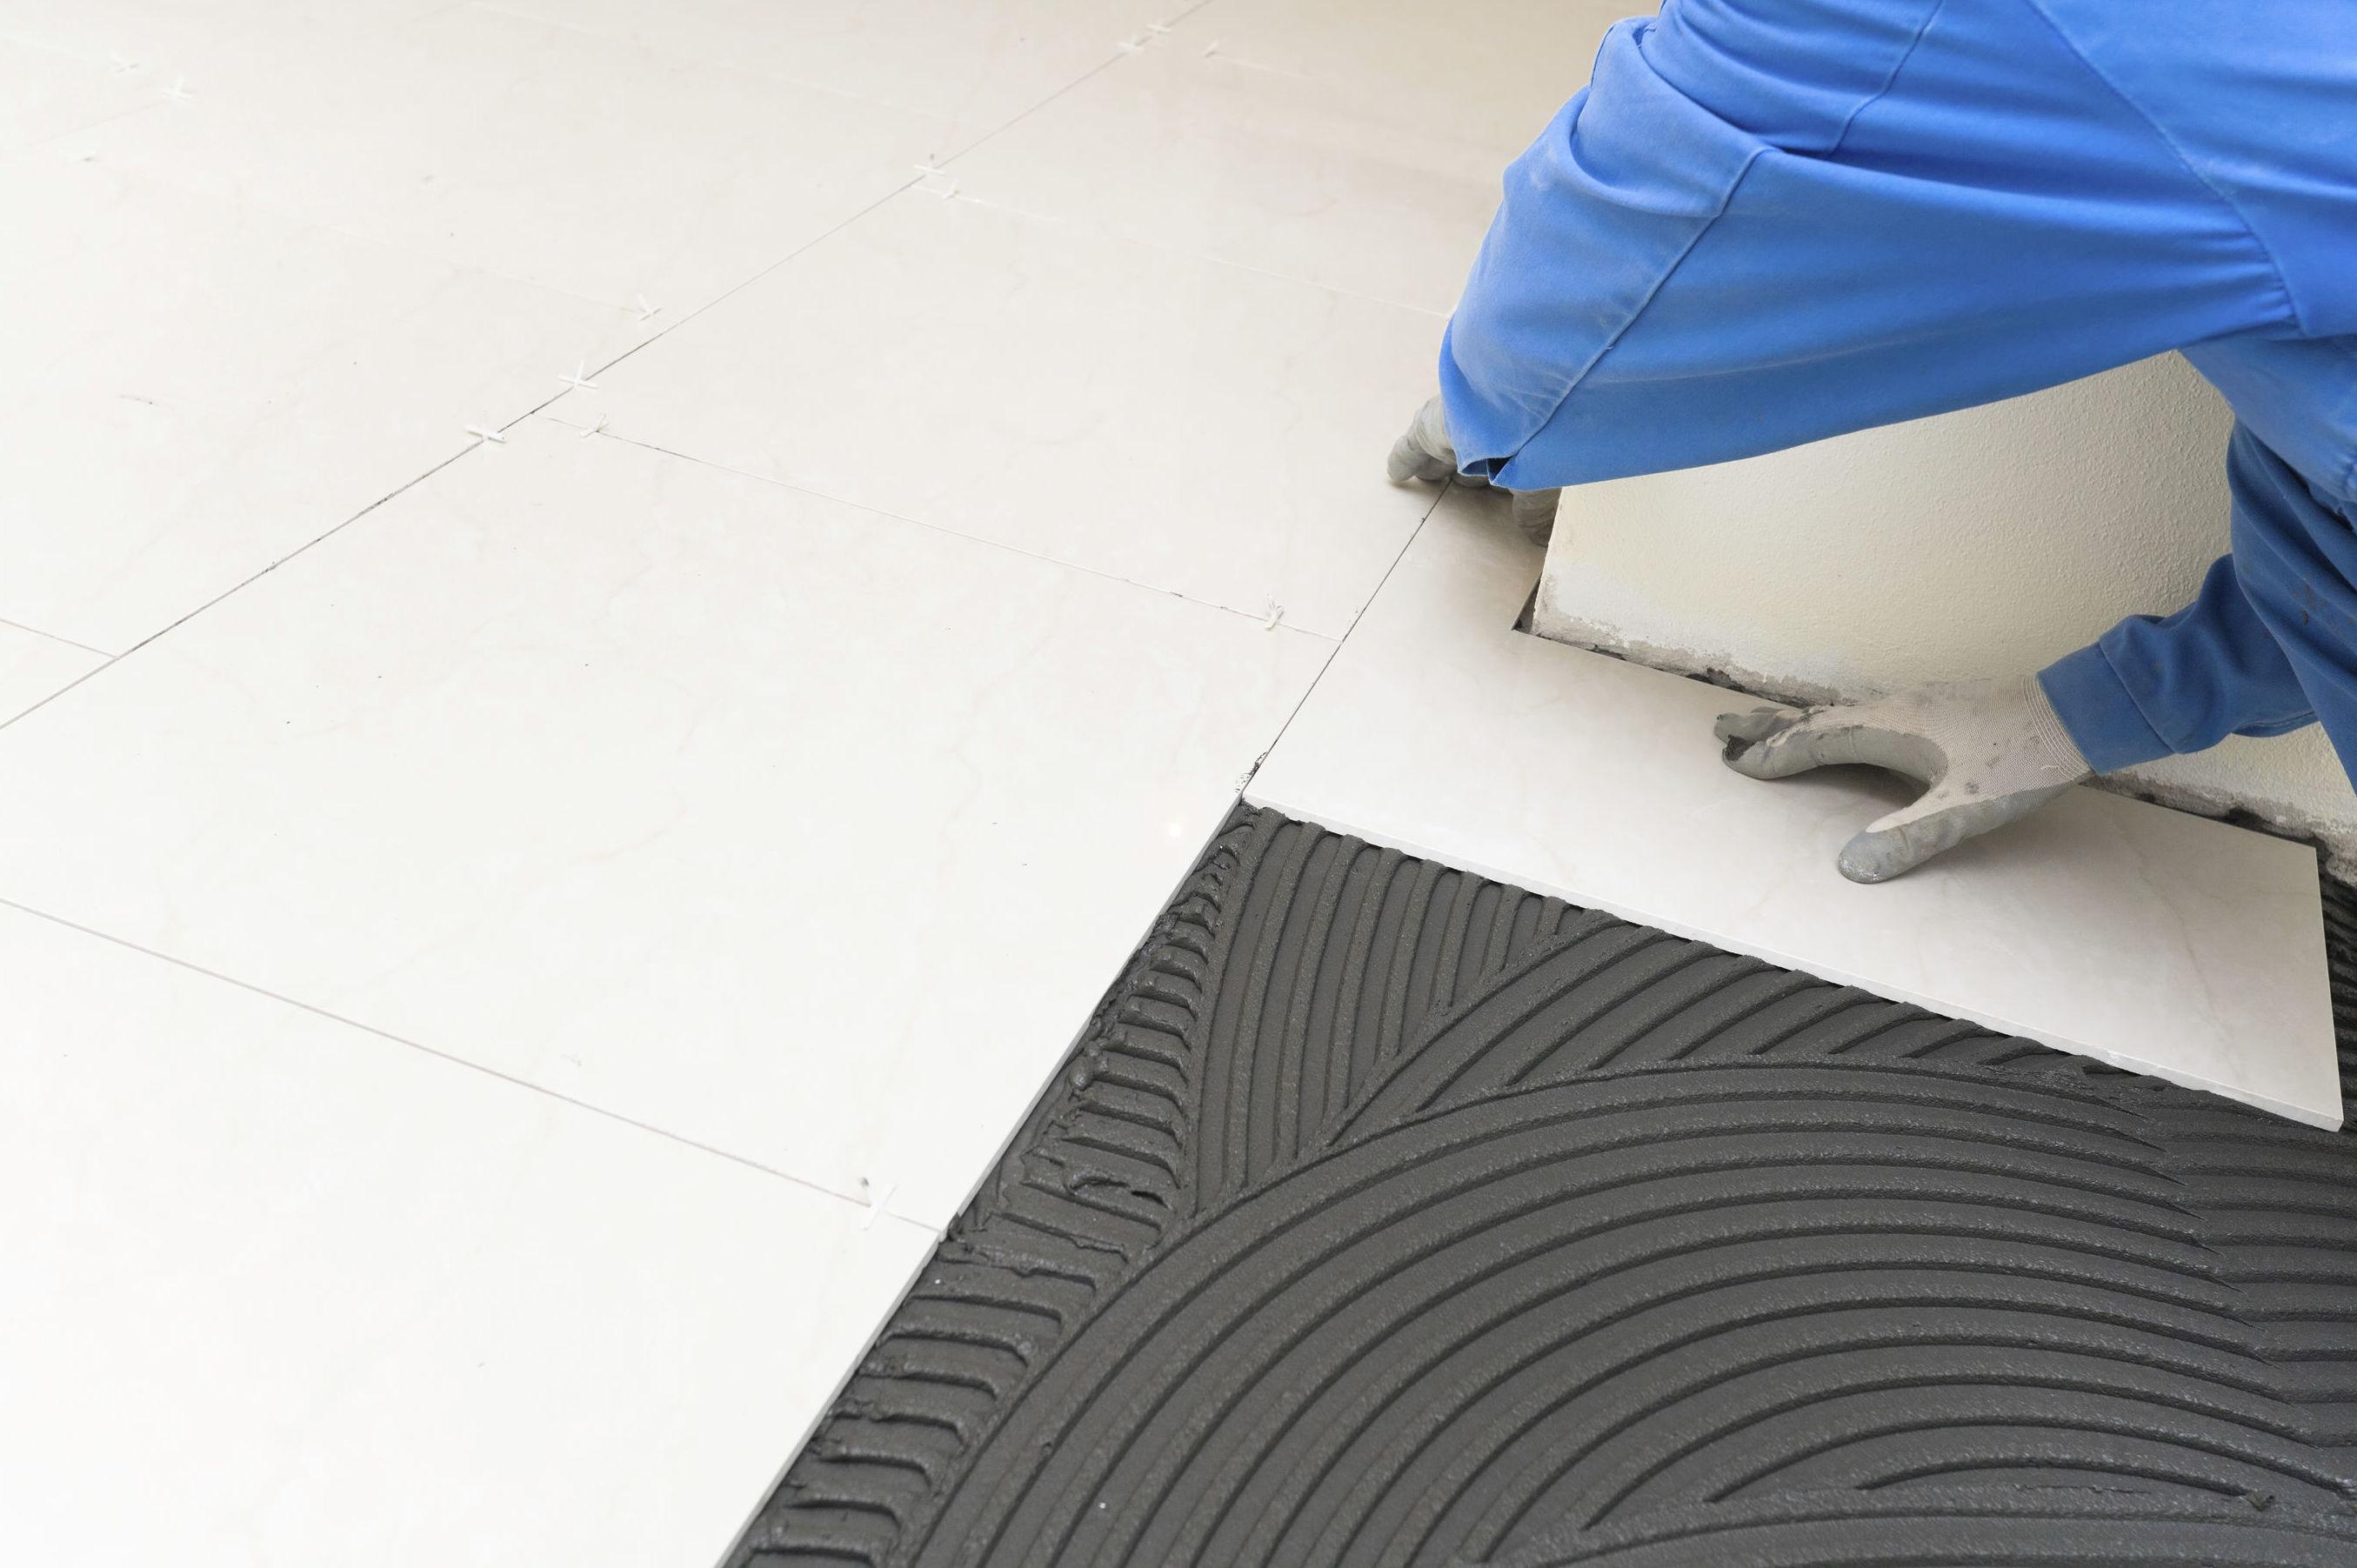 Administración de fincas con técnicos cualificados en detección de desperfectos de obra